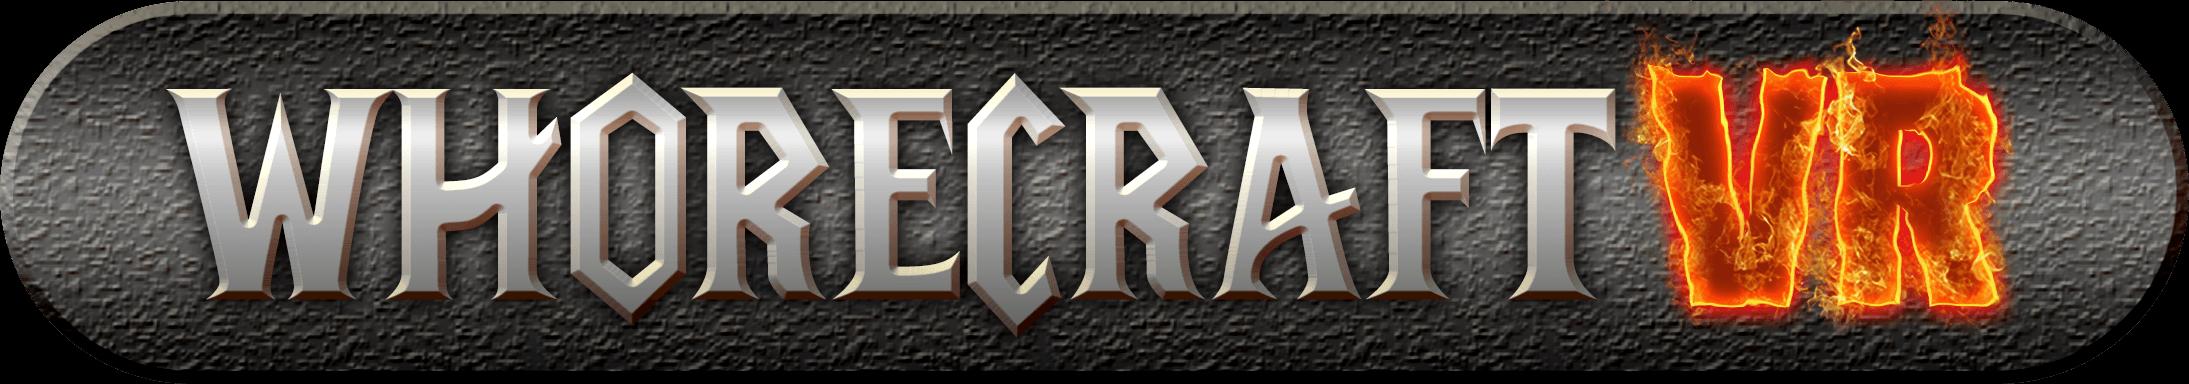 Whorecraft VR Logo